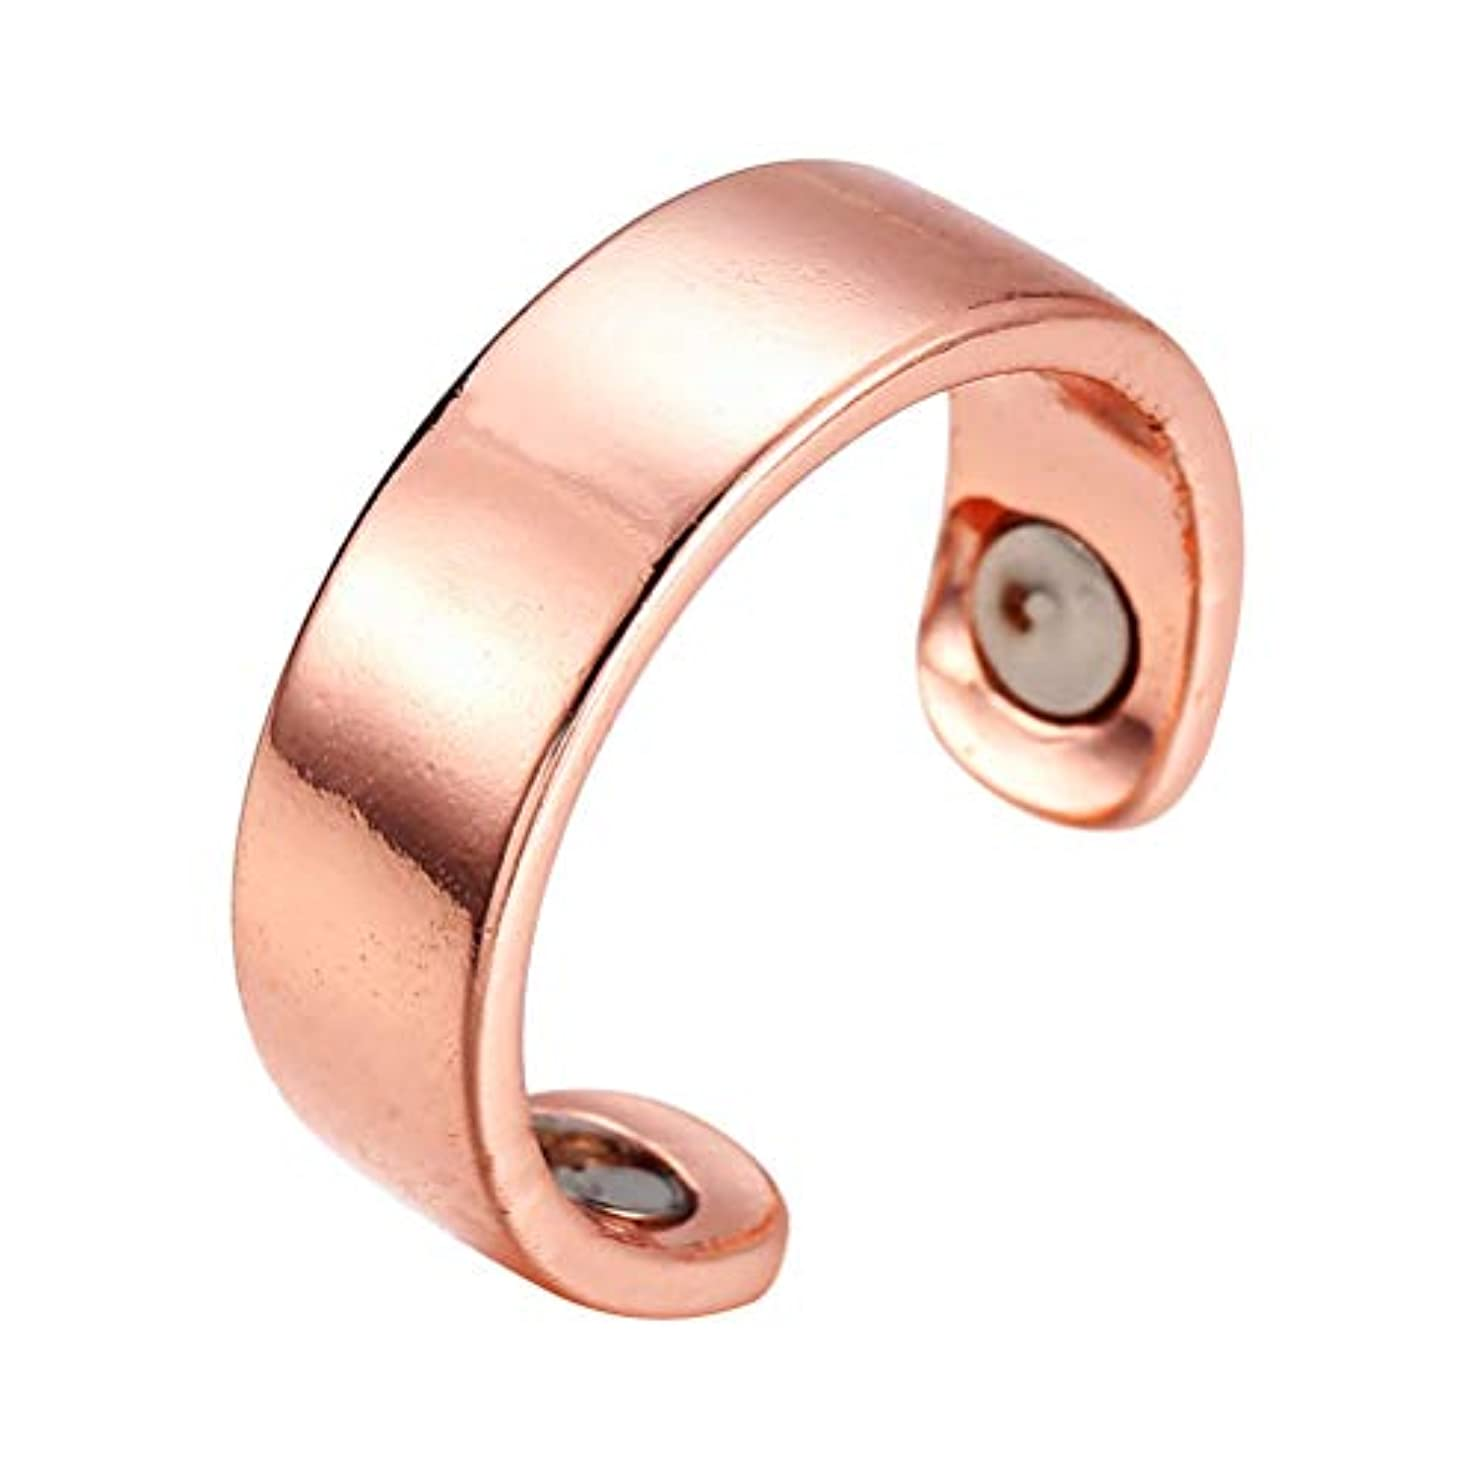 サロンシャッフル料理SUPVOX リング 指輪 磁気リング 調節可能 オープンリング 睡眠呼吸指圧治療停止いびきデバイスヘルスケア磁気療法(ローズゴールデン)